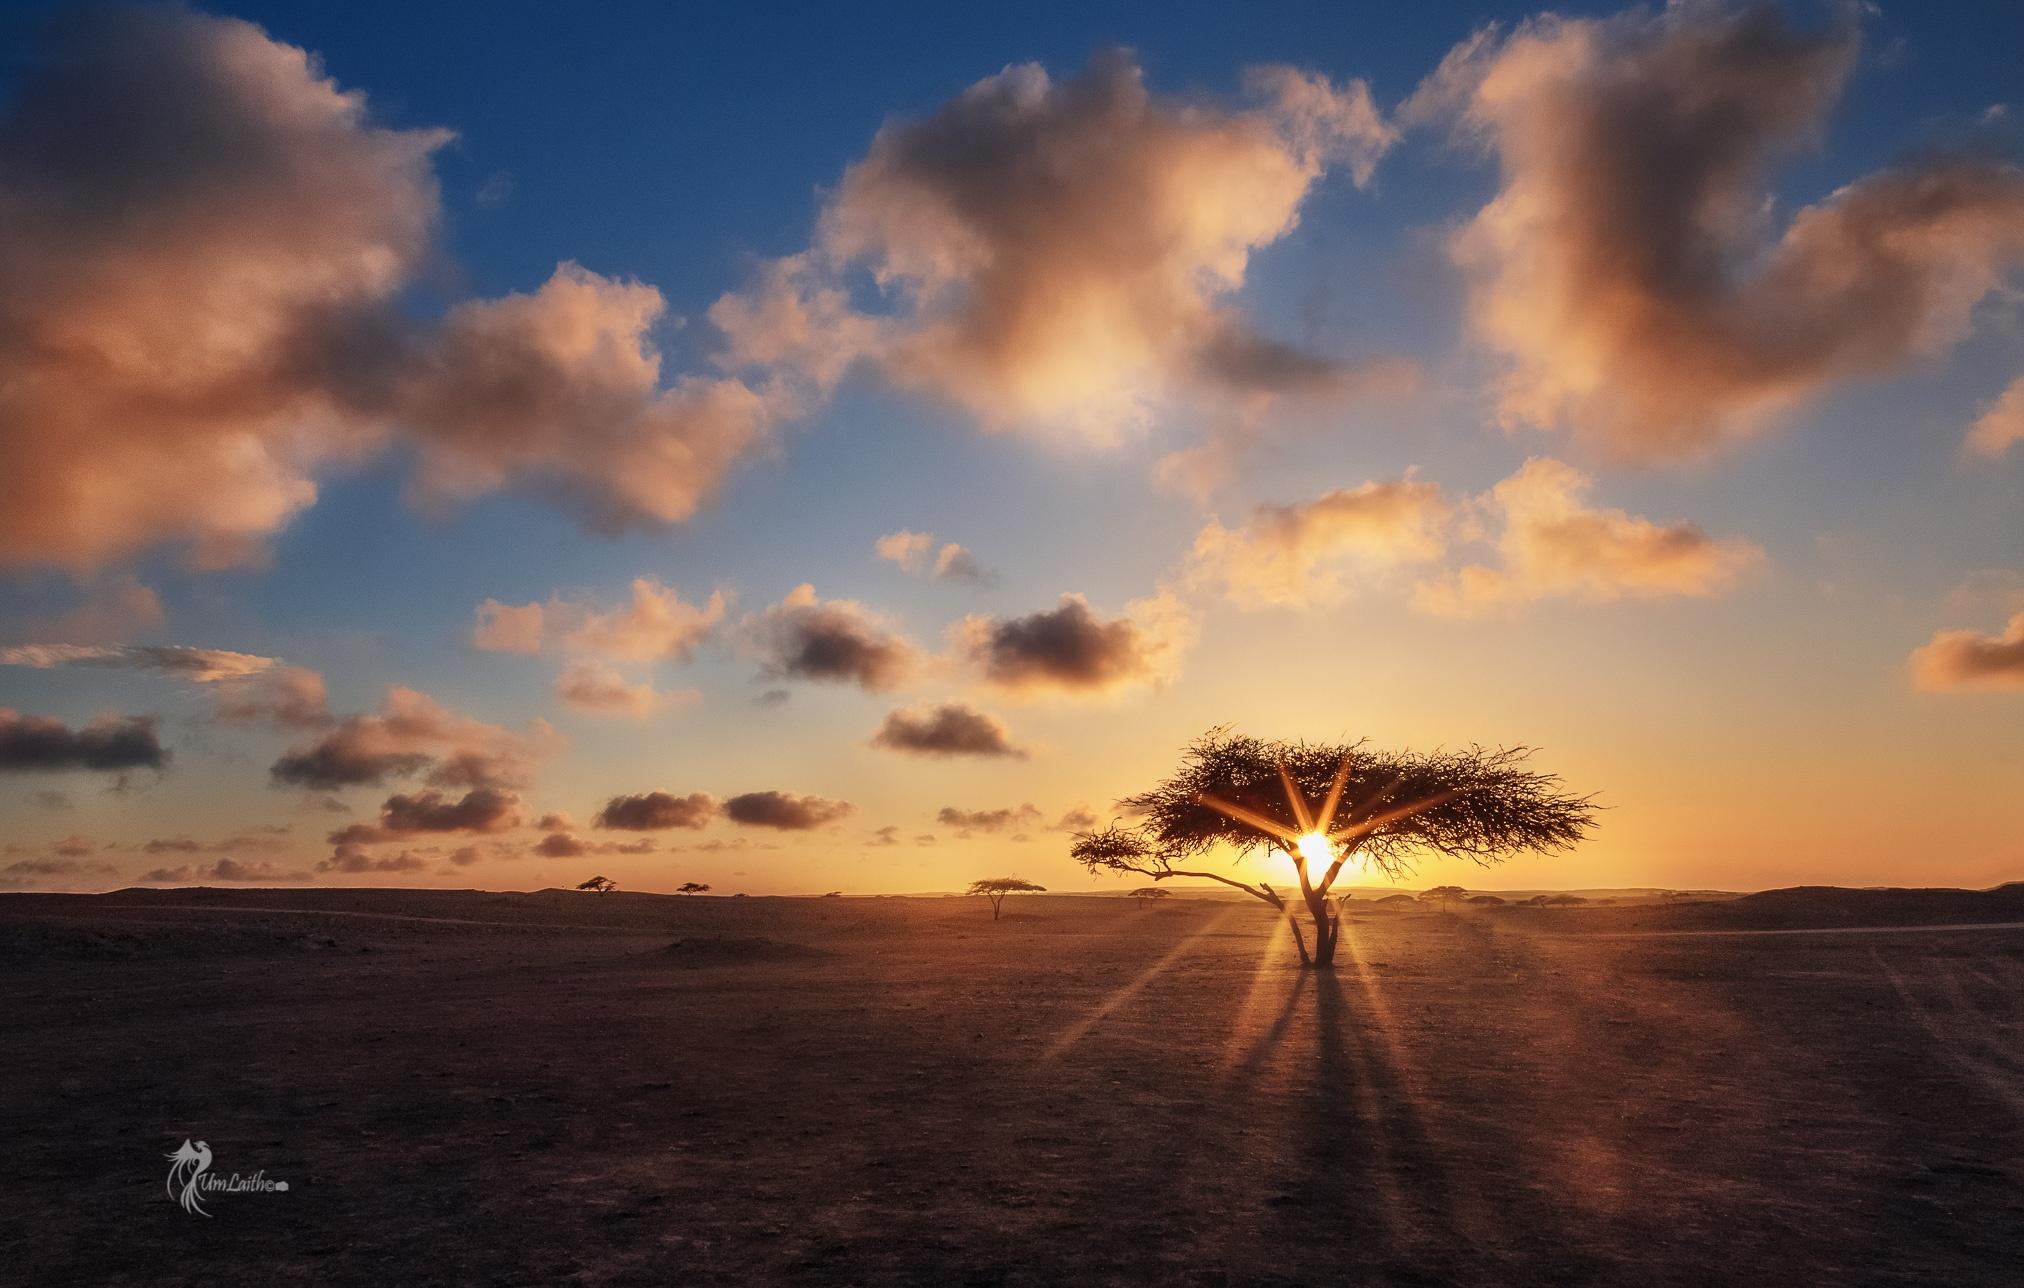 Sun flare between the branches by Fatima Al-Amri